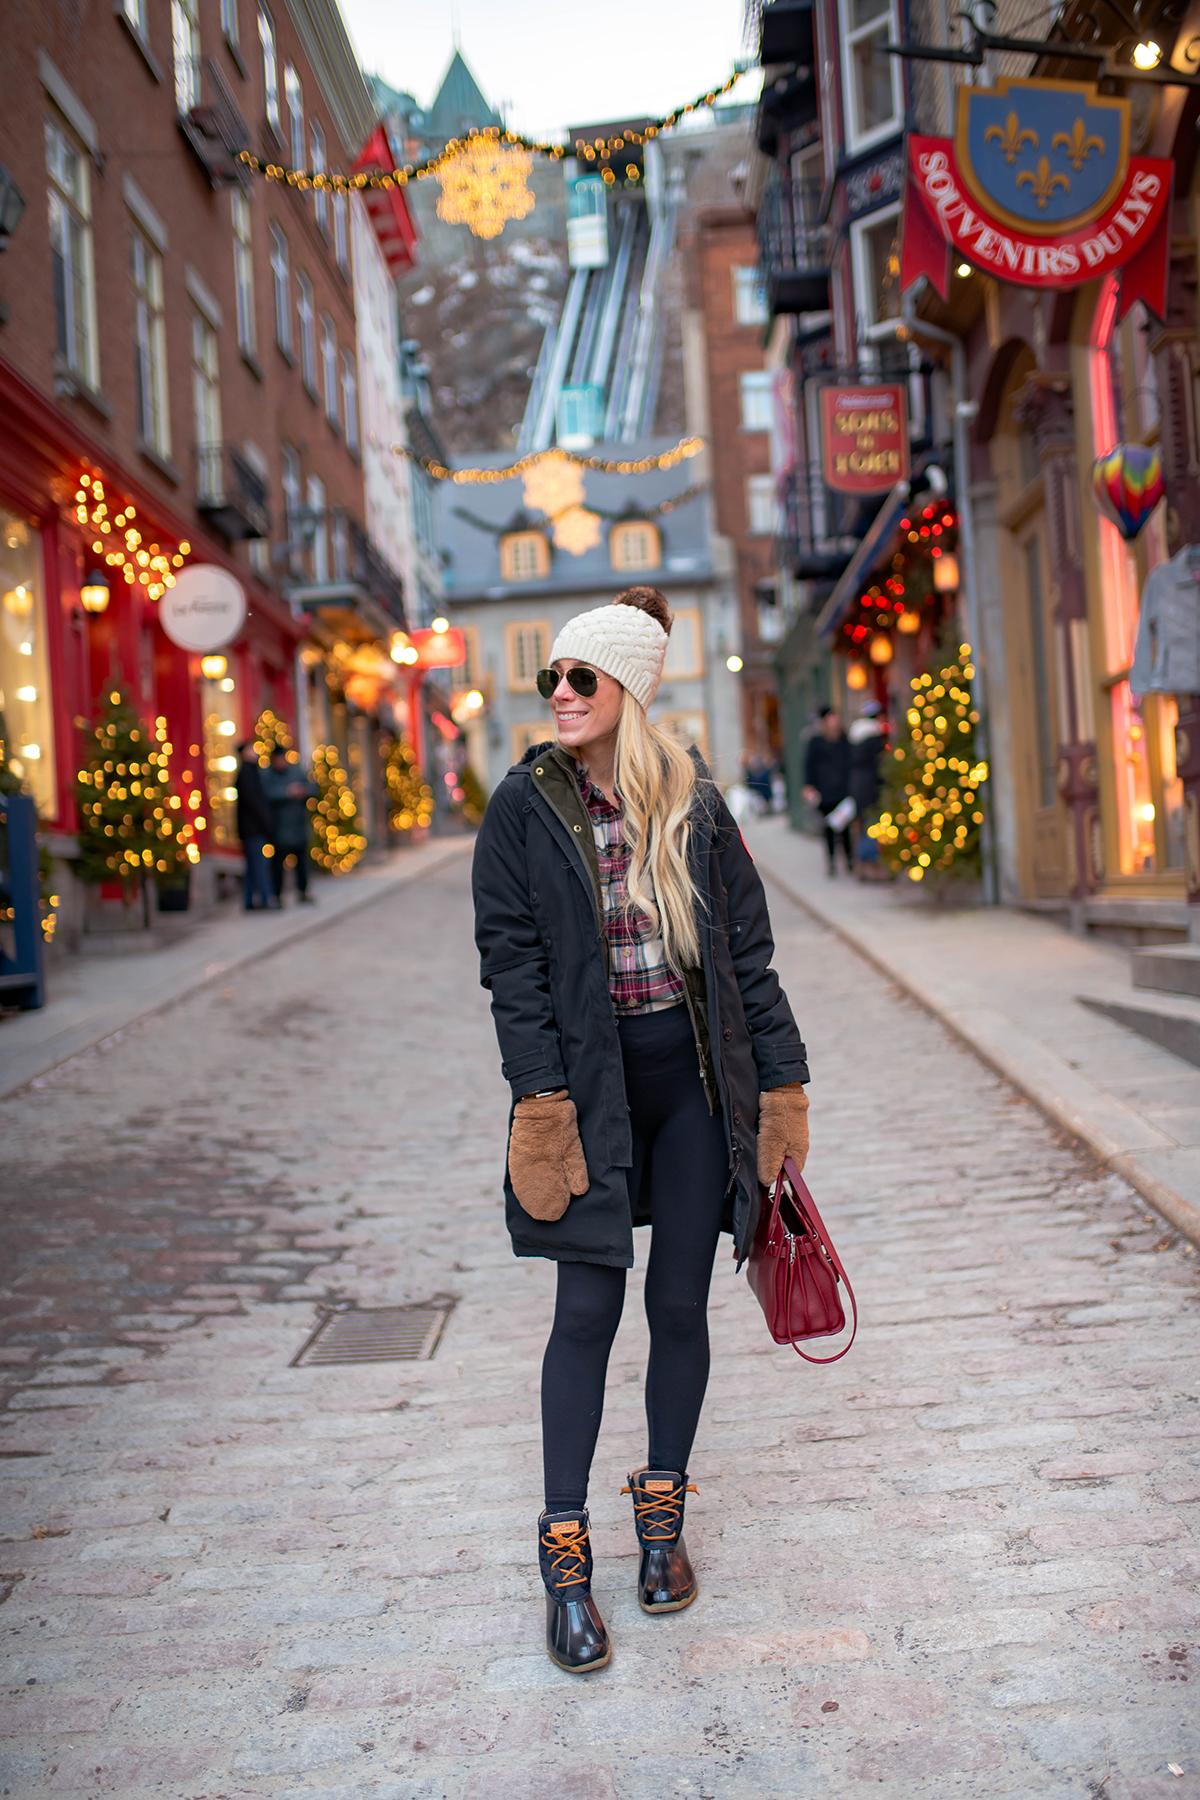 Quebec City Winter Travel Guide